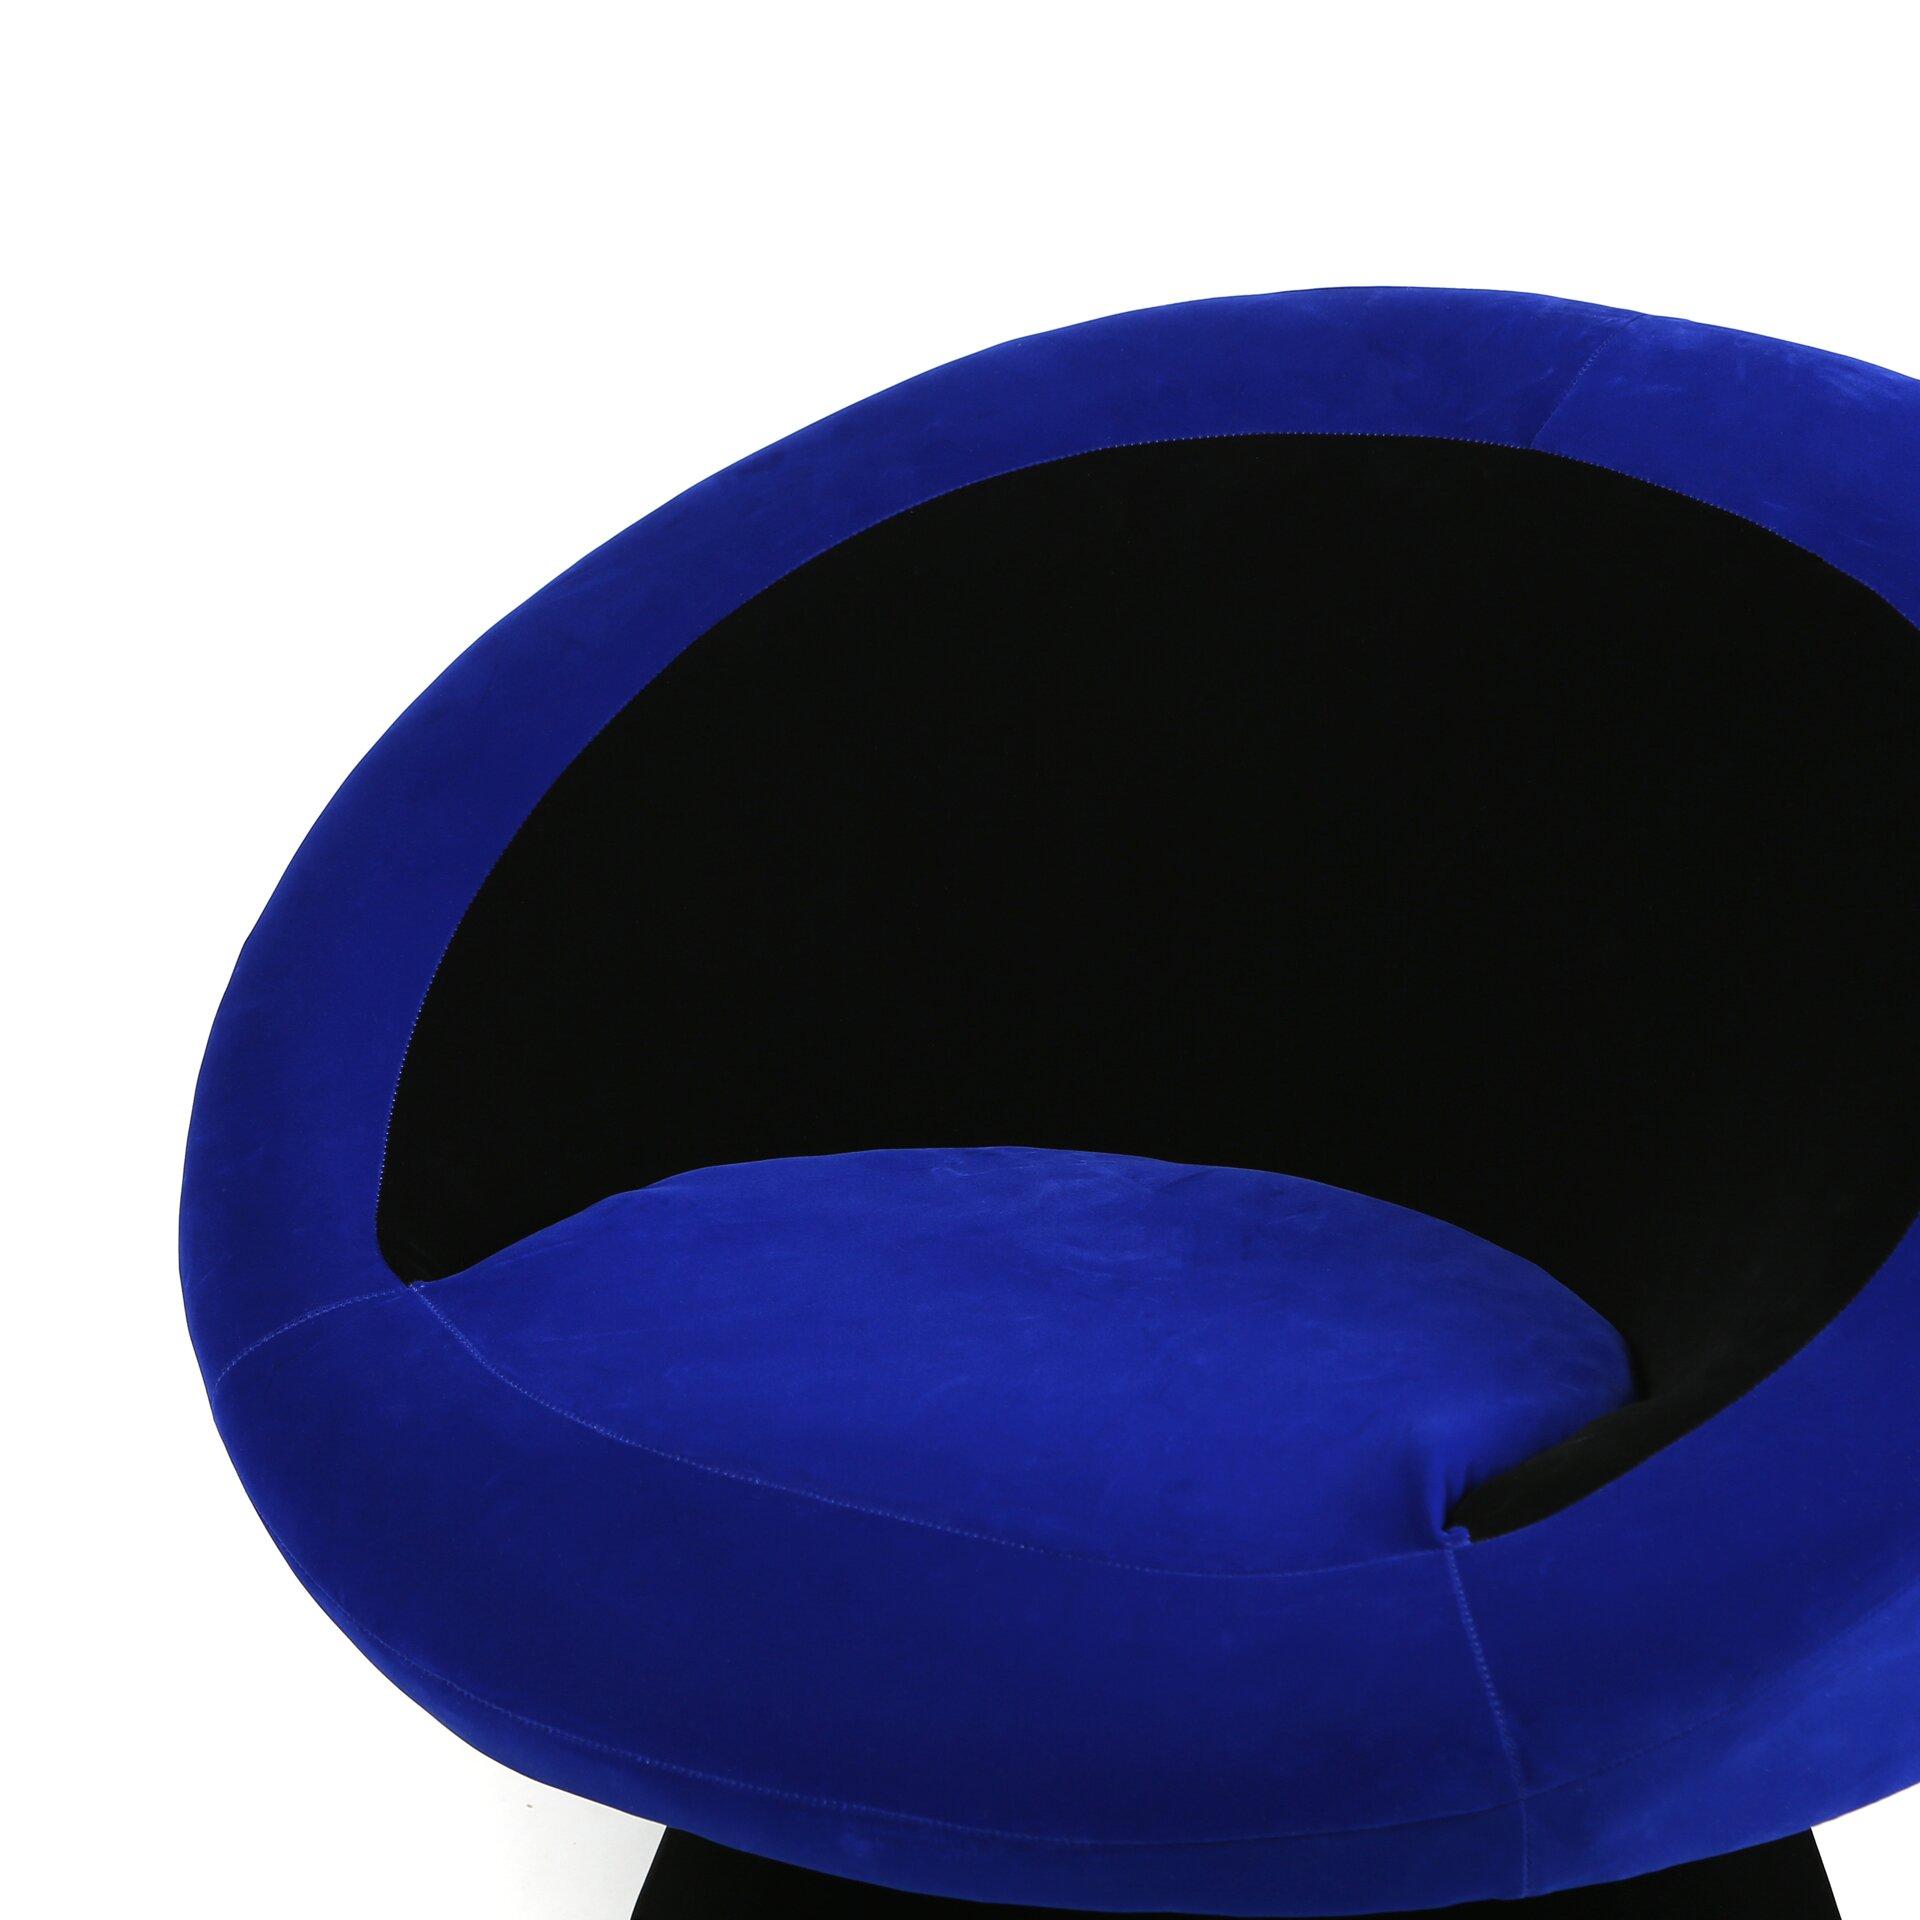 LumiSource Saucer Kids Novelty Chair amp Reviews Wayfair : Saucer2BKid2527s2BNovelty2BChair from www.wayfair.com size 1920 x 1920 jpeg 121kB